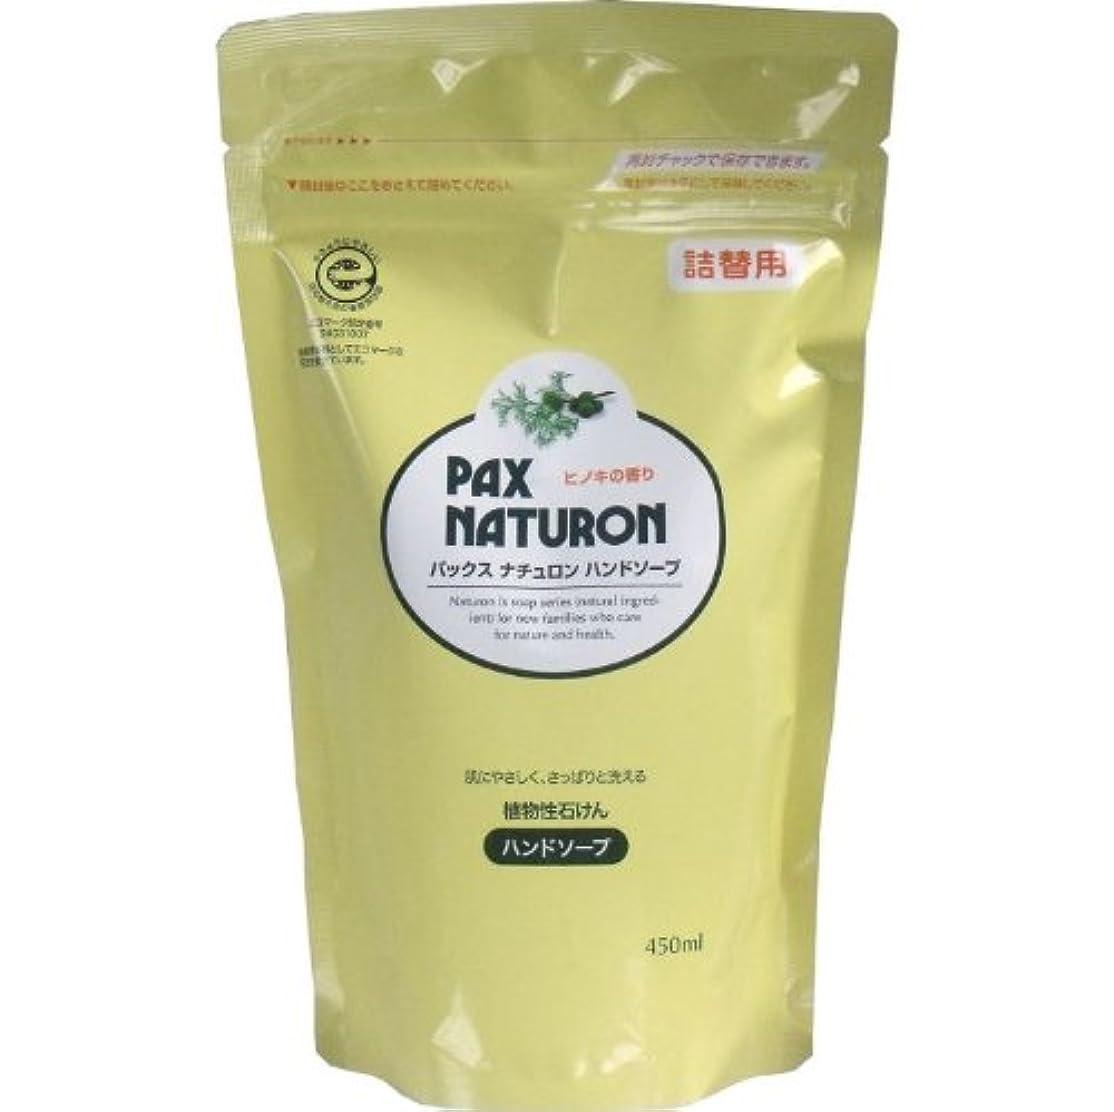 自動化ポルティコ表面肌にやさしく、さっぱりと洗える植物性石けん!植物性ハンドソープ 詰替用 450mL【3個セット】